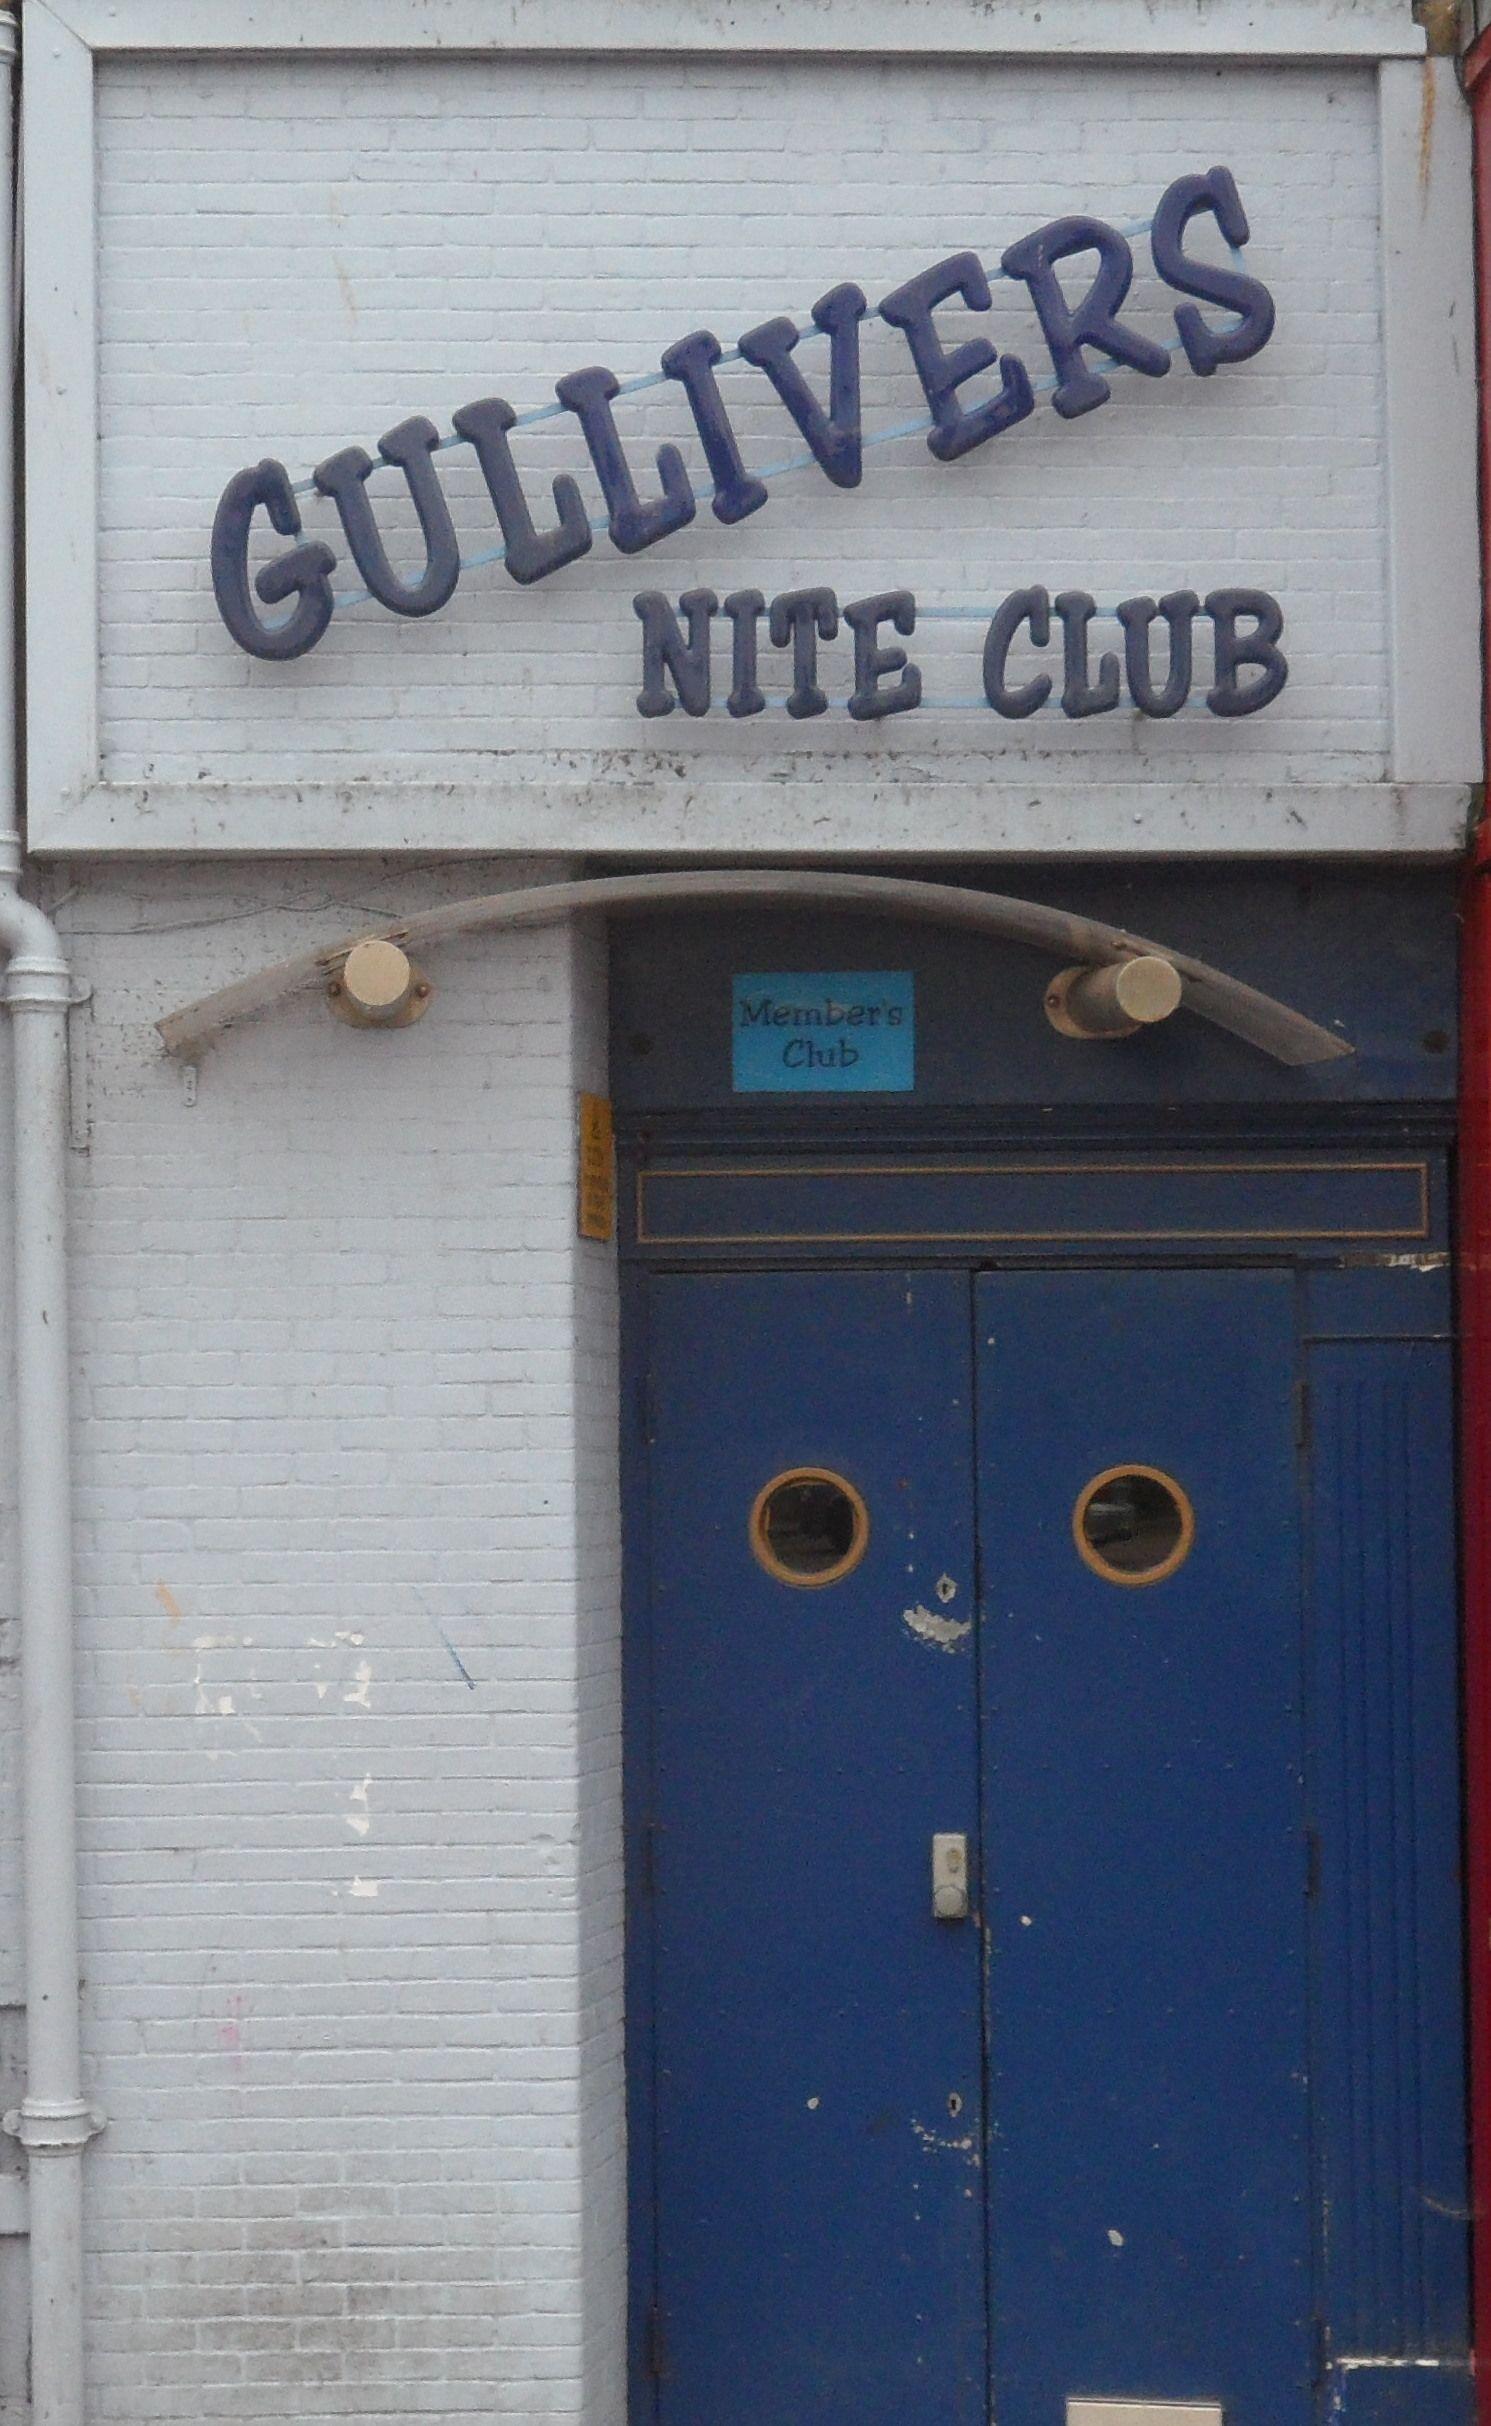 Gullivers Nite Club